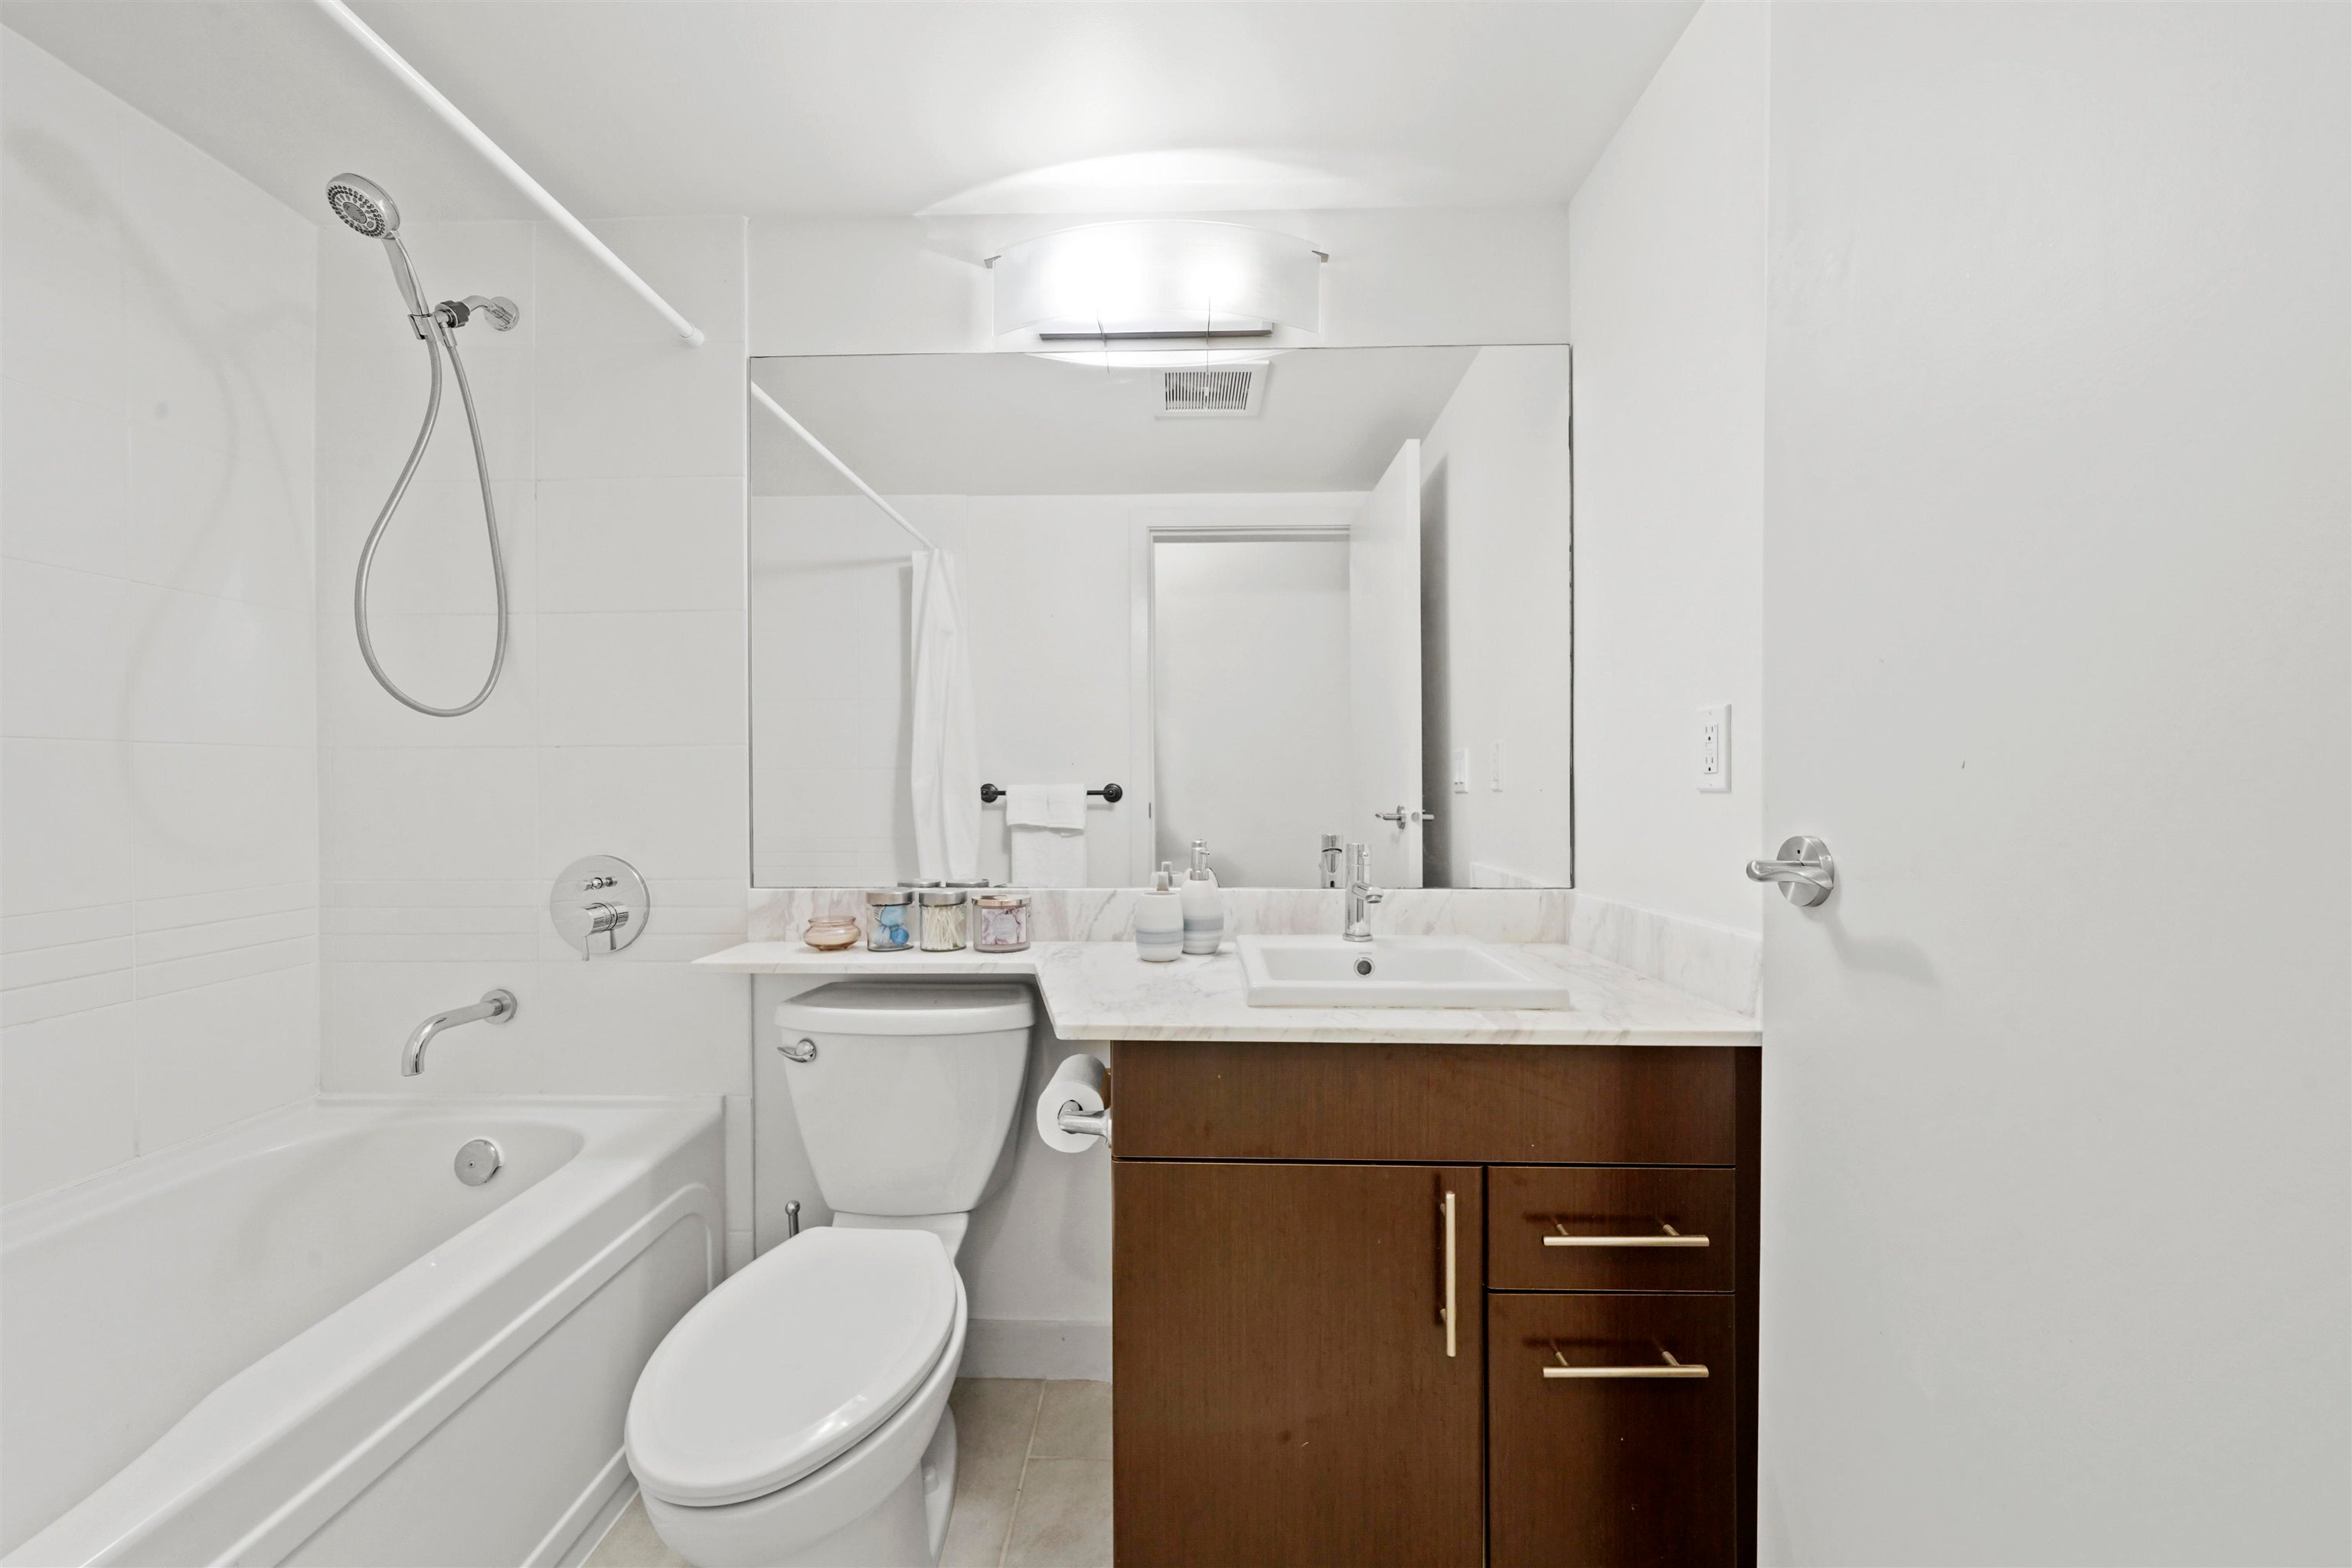 319 1633 MACKAY AVENUE - Pemberton NV Apartment/Condo for sale, 2 Bedrooms (R2624916) - #25